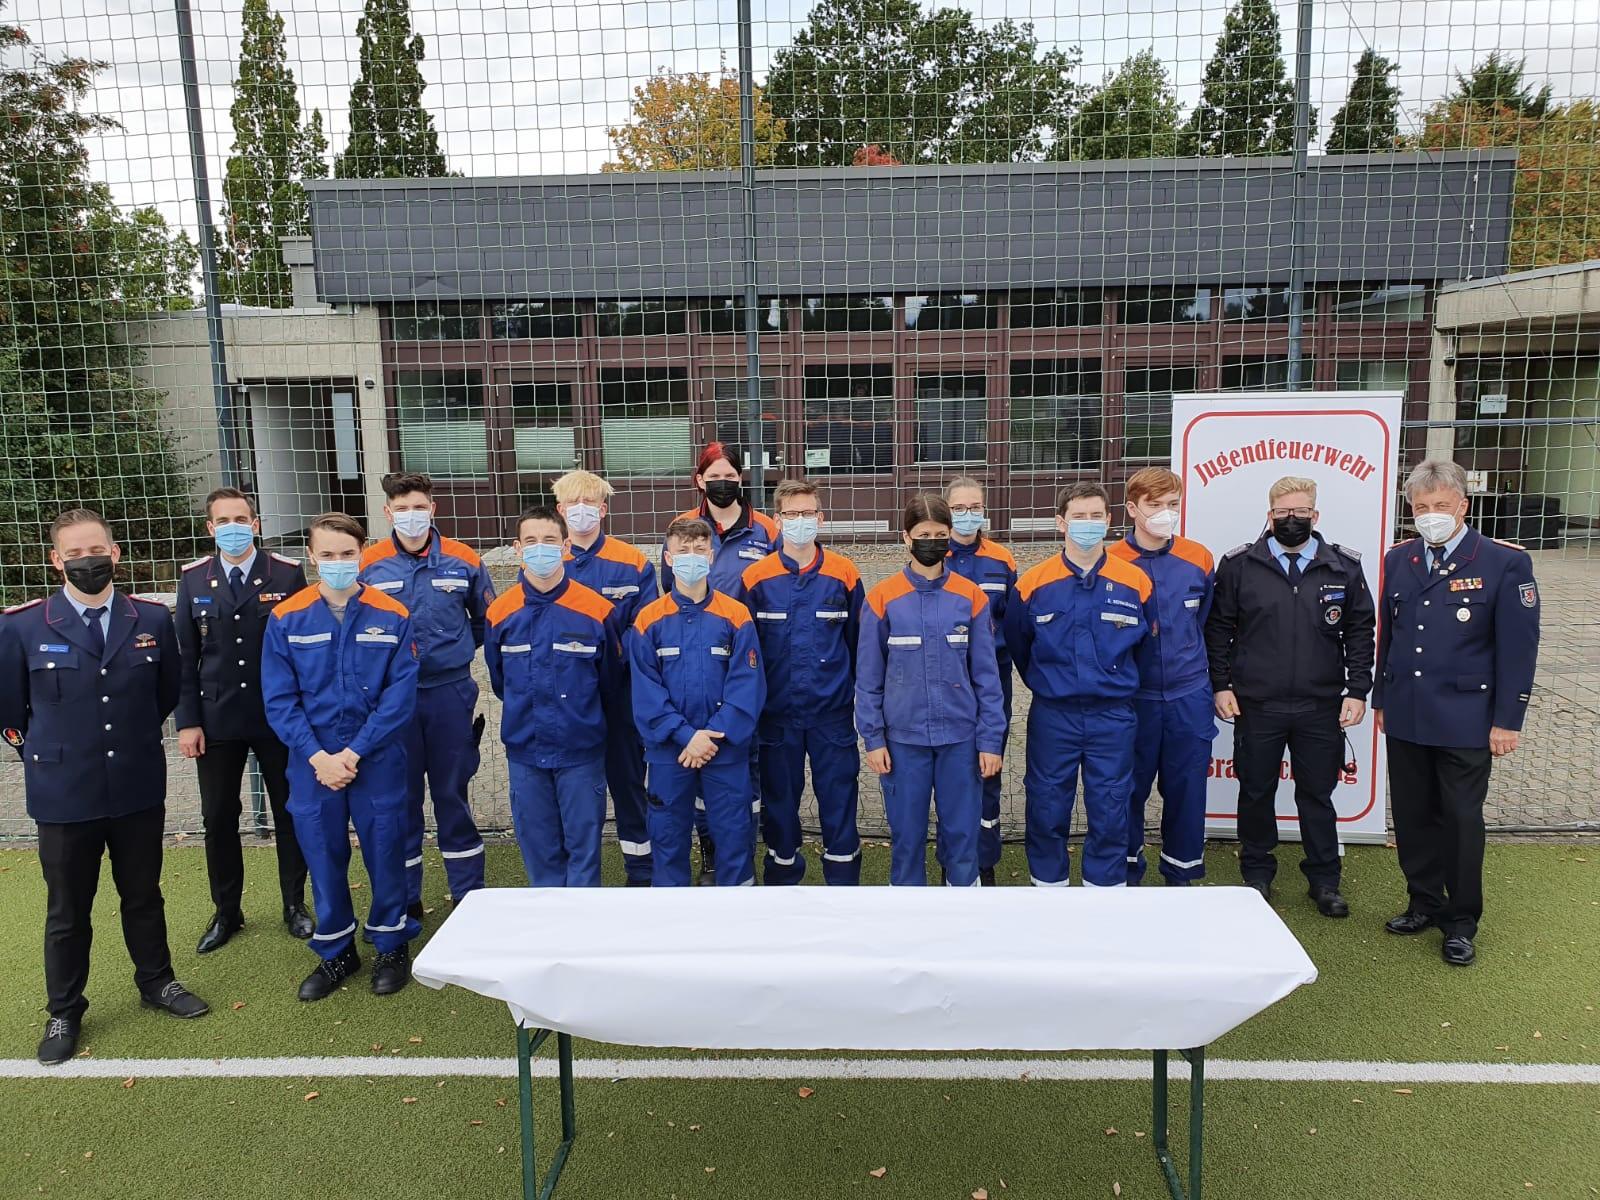 Leistungsspangenabnahme in Braunschweig – Jugendfeuerwehren zeigen erfolgreiche Gemeinschaftsleistung